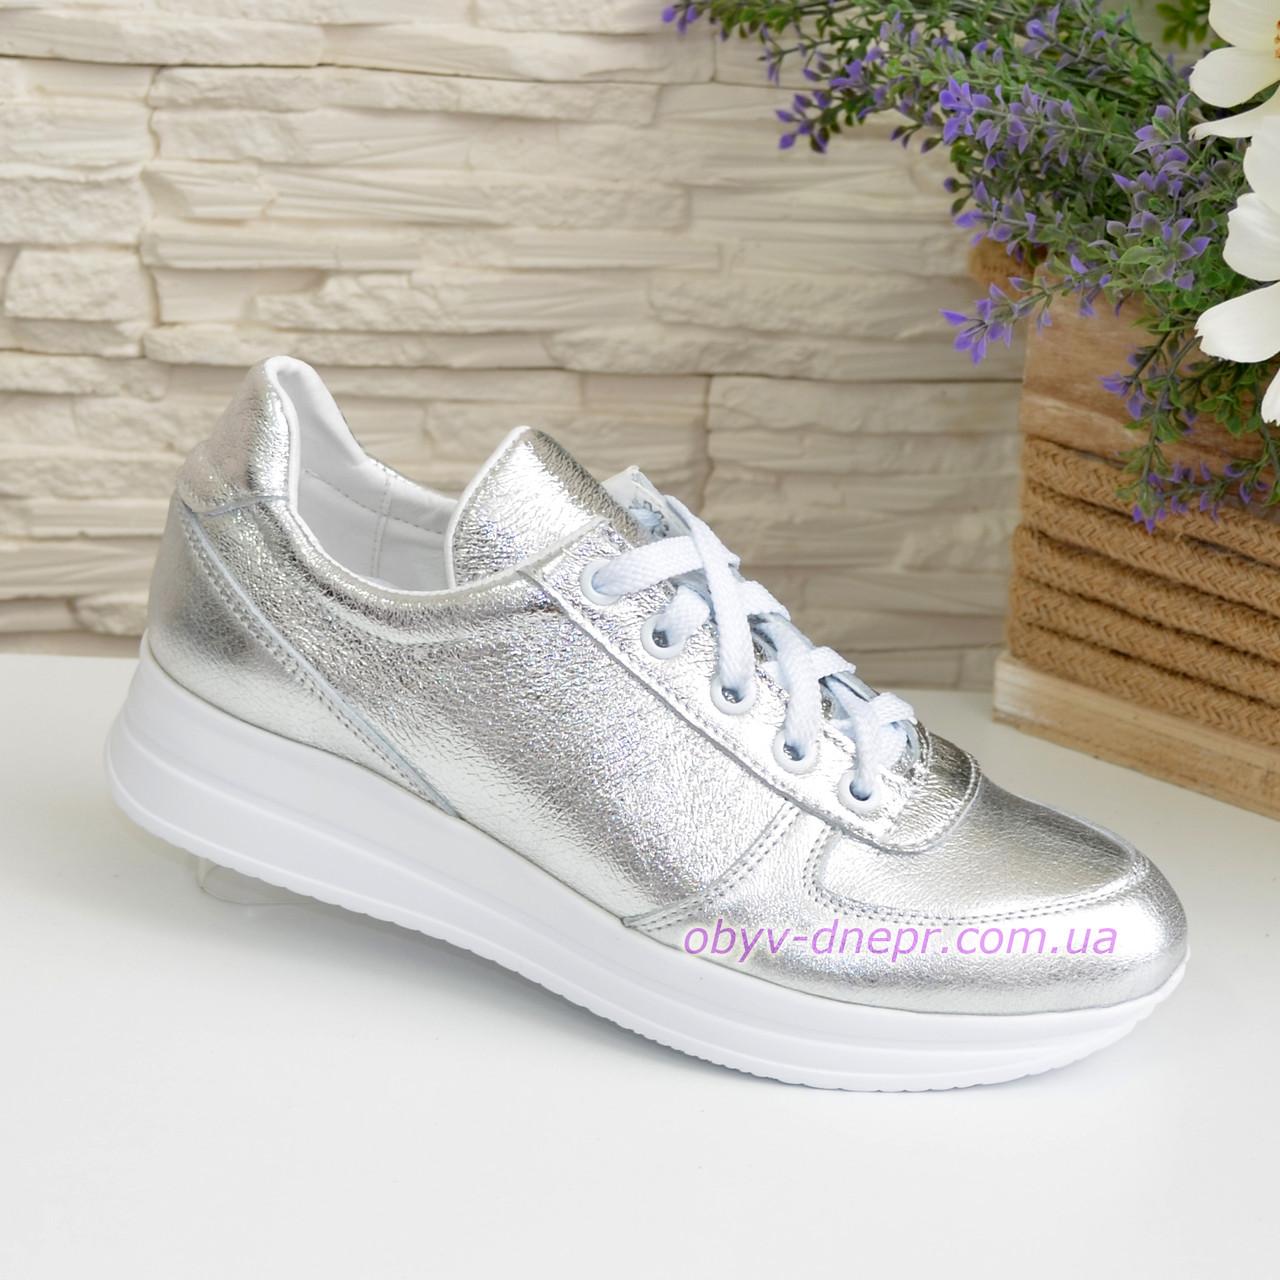 Туфли женские кожаные на утолщенной белой подошве, цвет серебро.